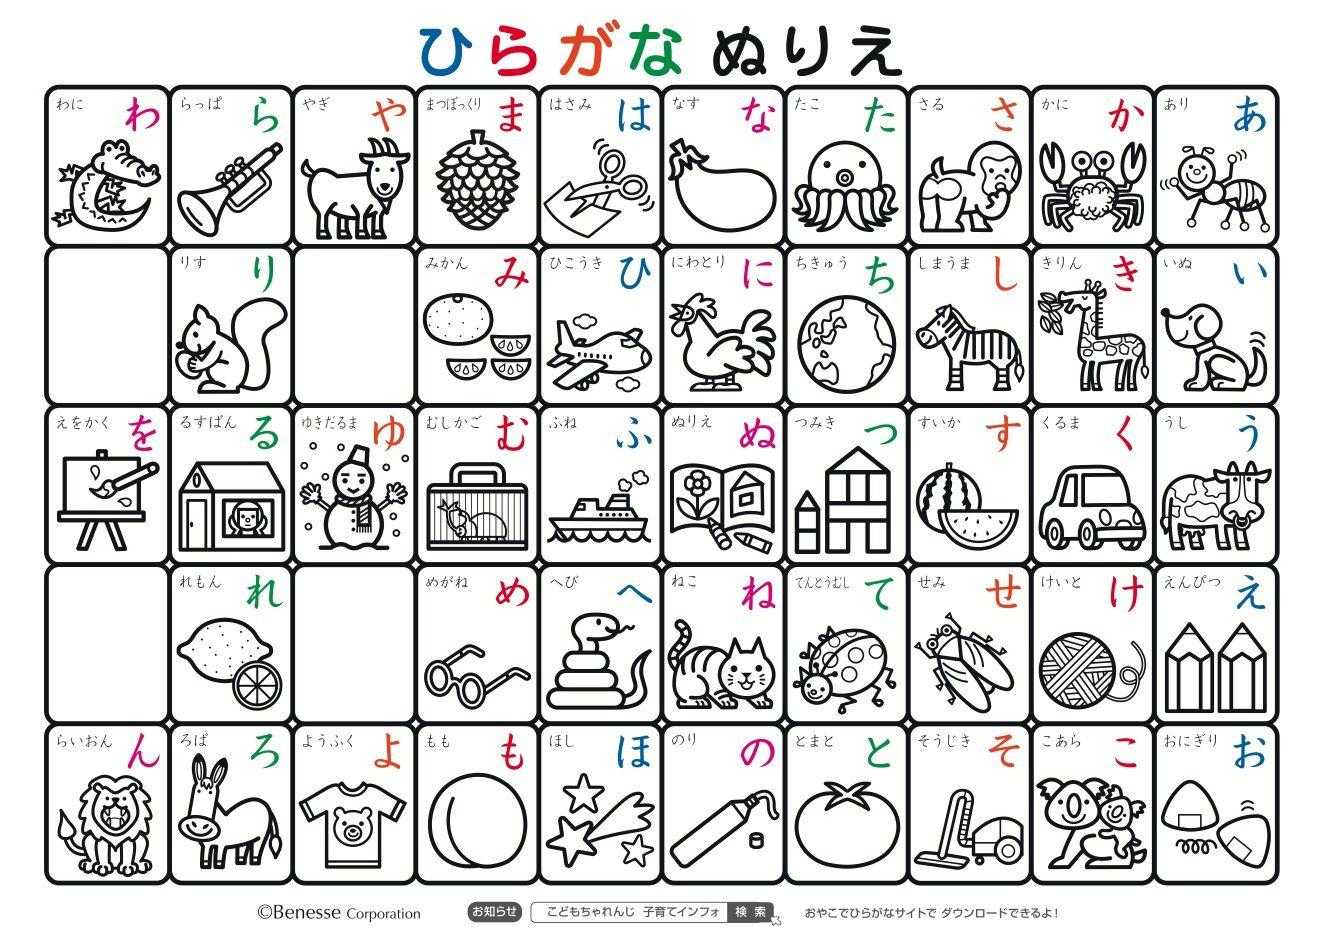 あいうえお表(あいうえおひょう)AIUEO Chart 平仮名表(ひらがなひょう) Hiragana